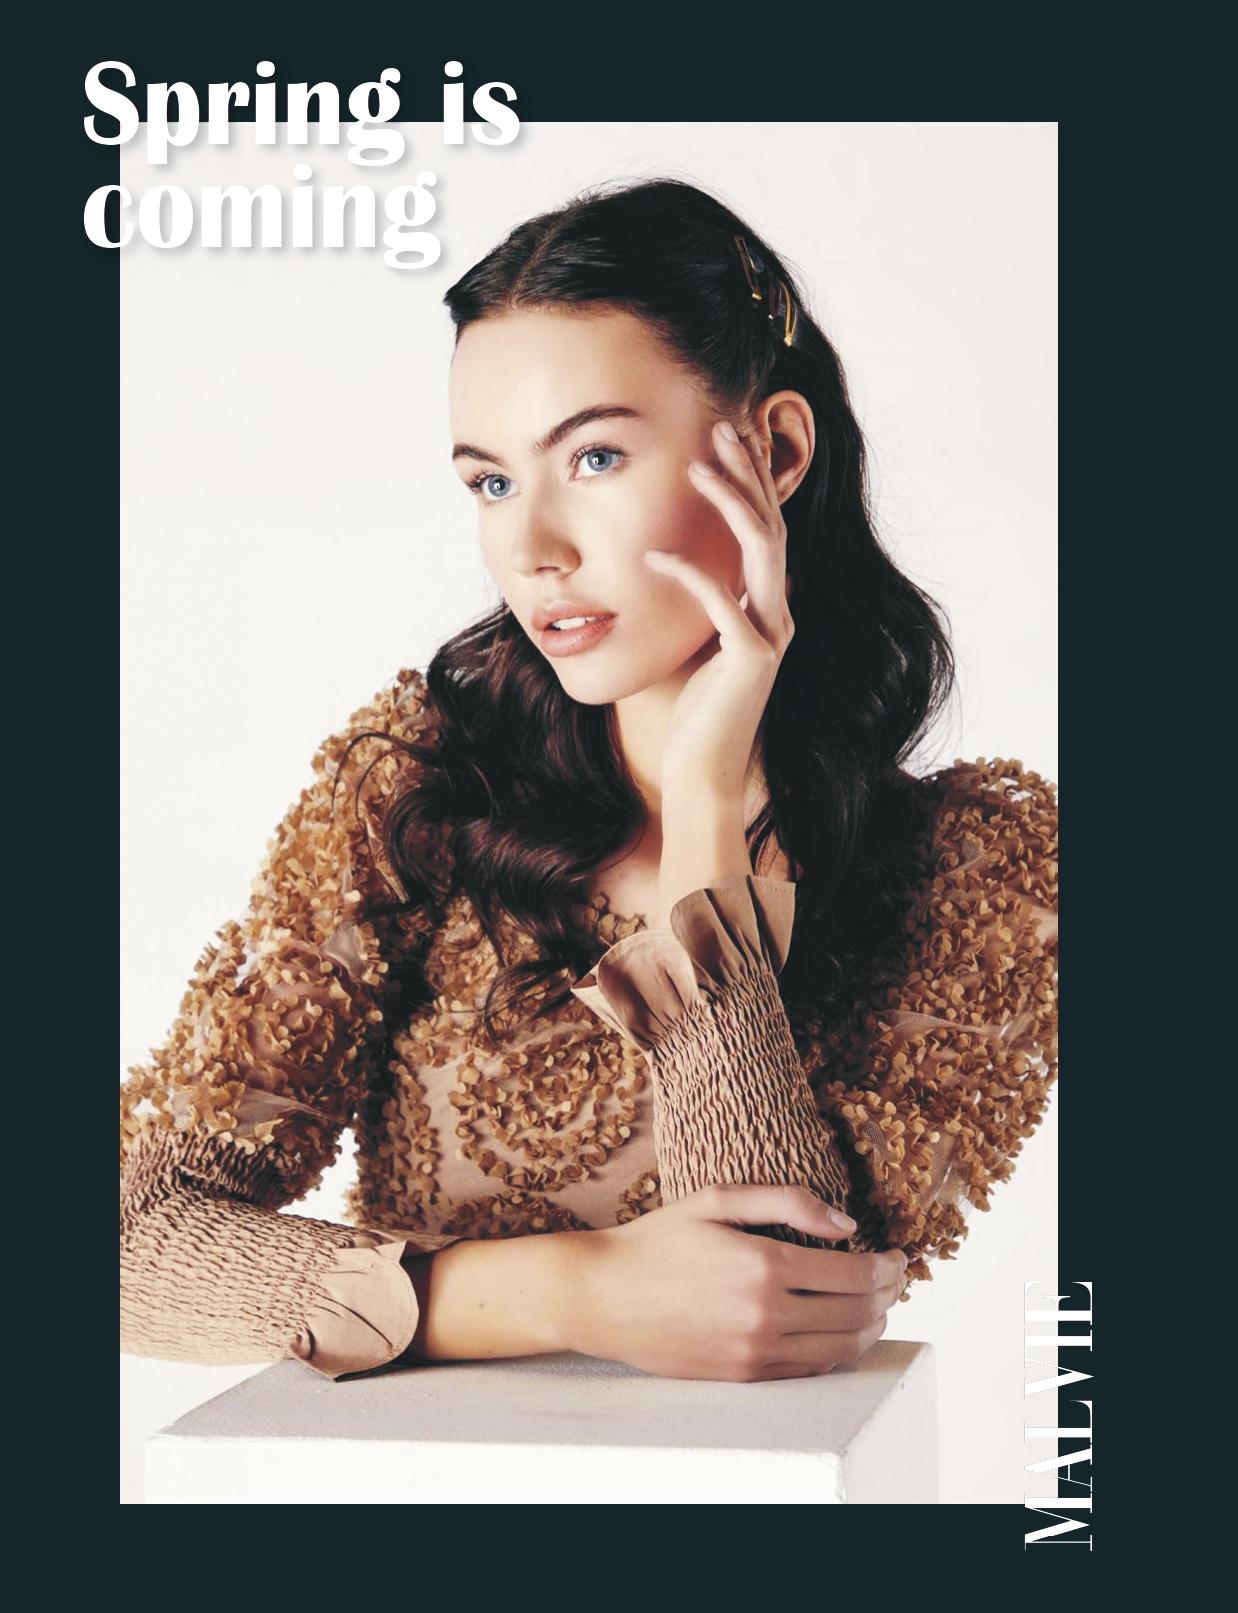 Spring is coming - Editoriale per Malvie Magazine